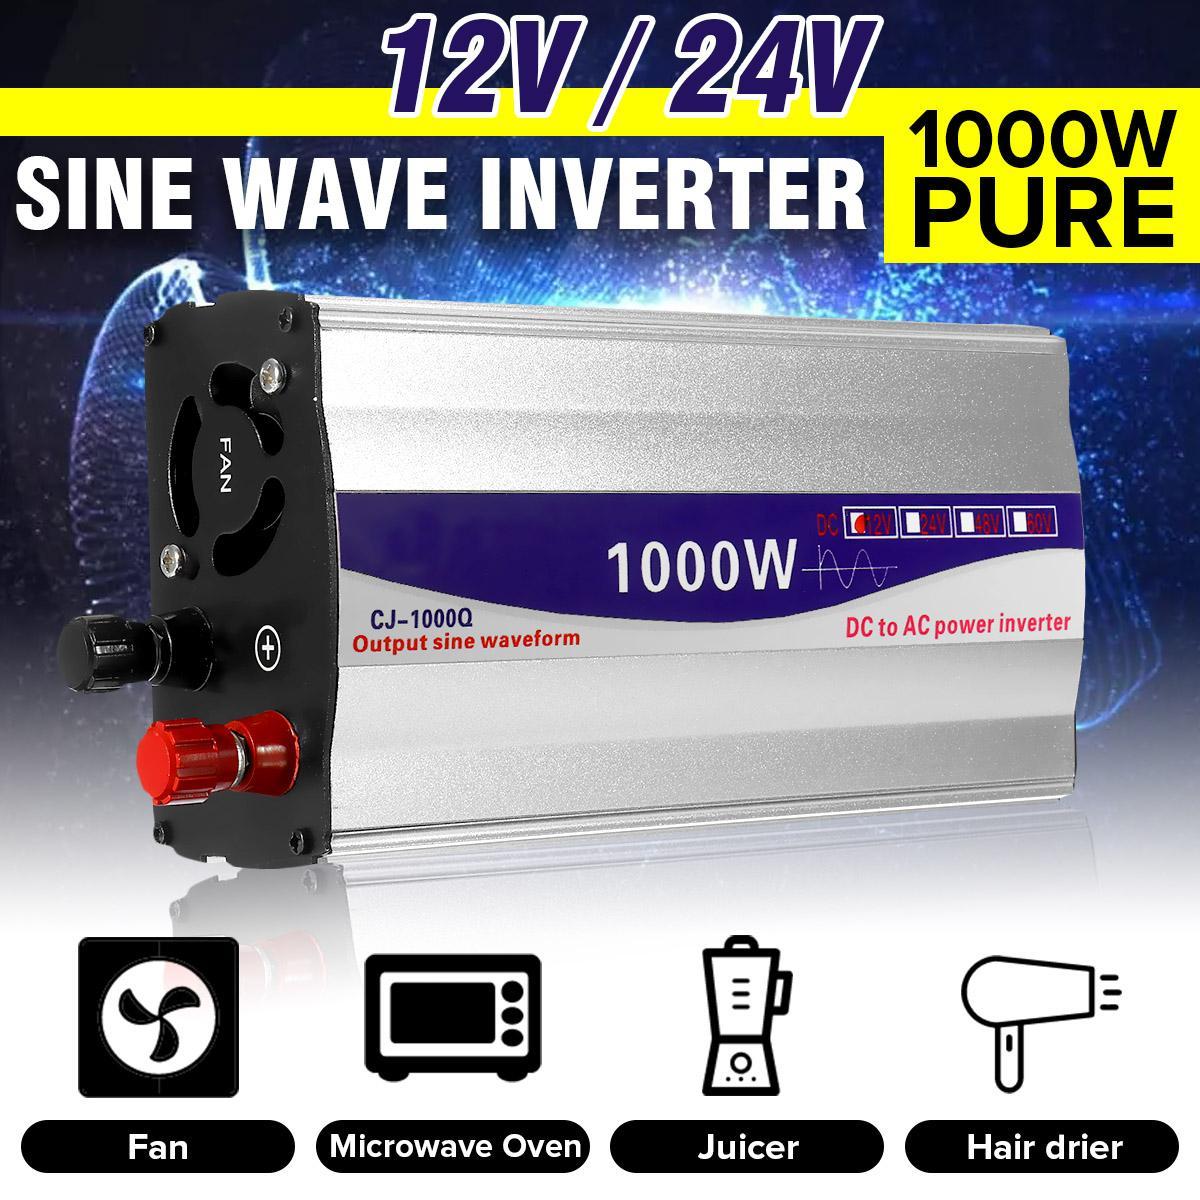 Inverter 12V/ 24V To 220V Pure Sine Wave Inverter LED Display Converter Transformer Peaks Power 1000W For Car Home